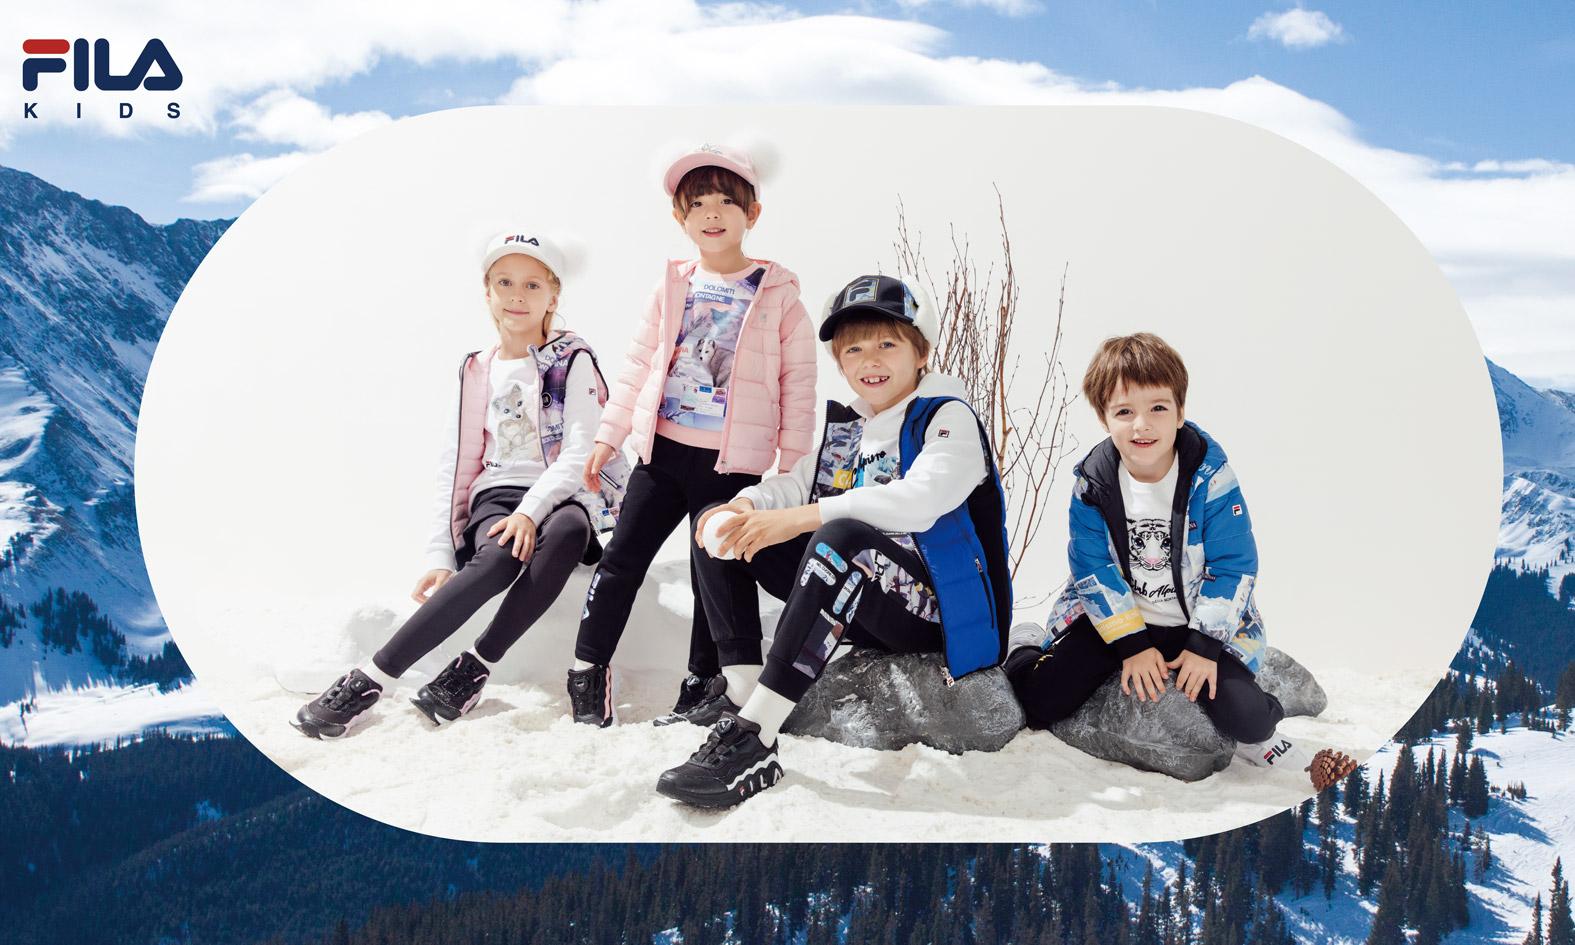 冬日童趣,FILA KIDS WHITE LINE 意境探奇系列服饰